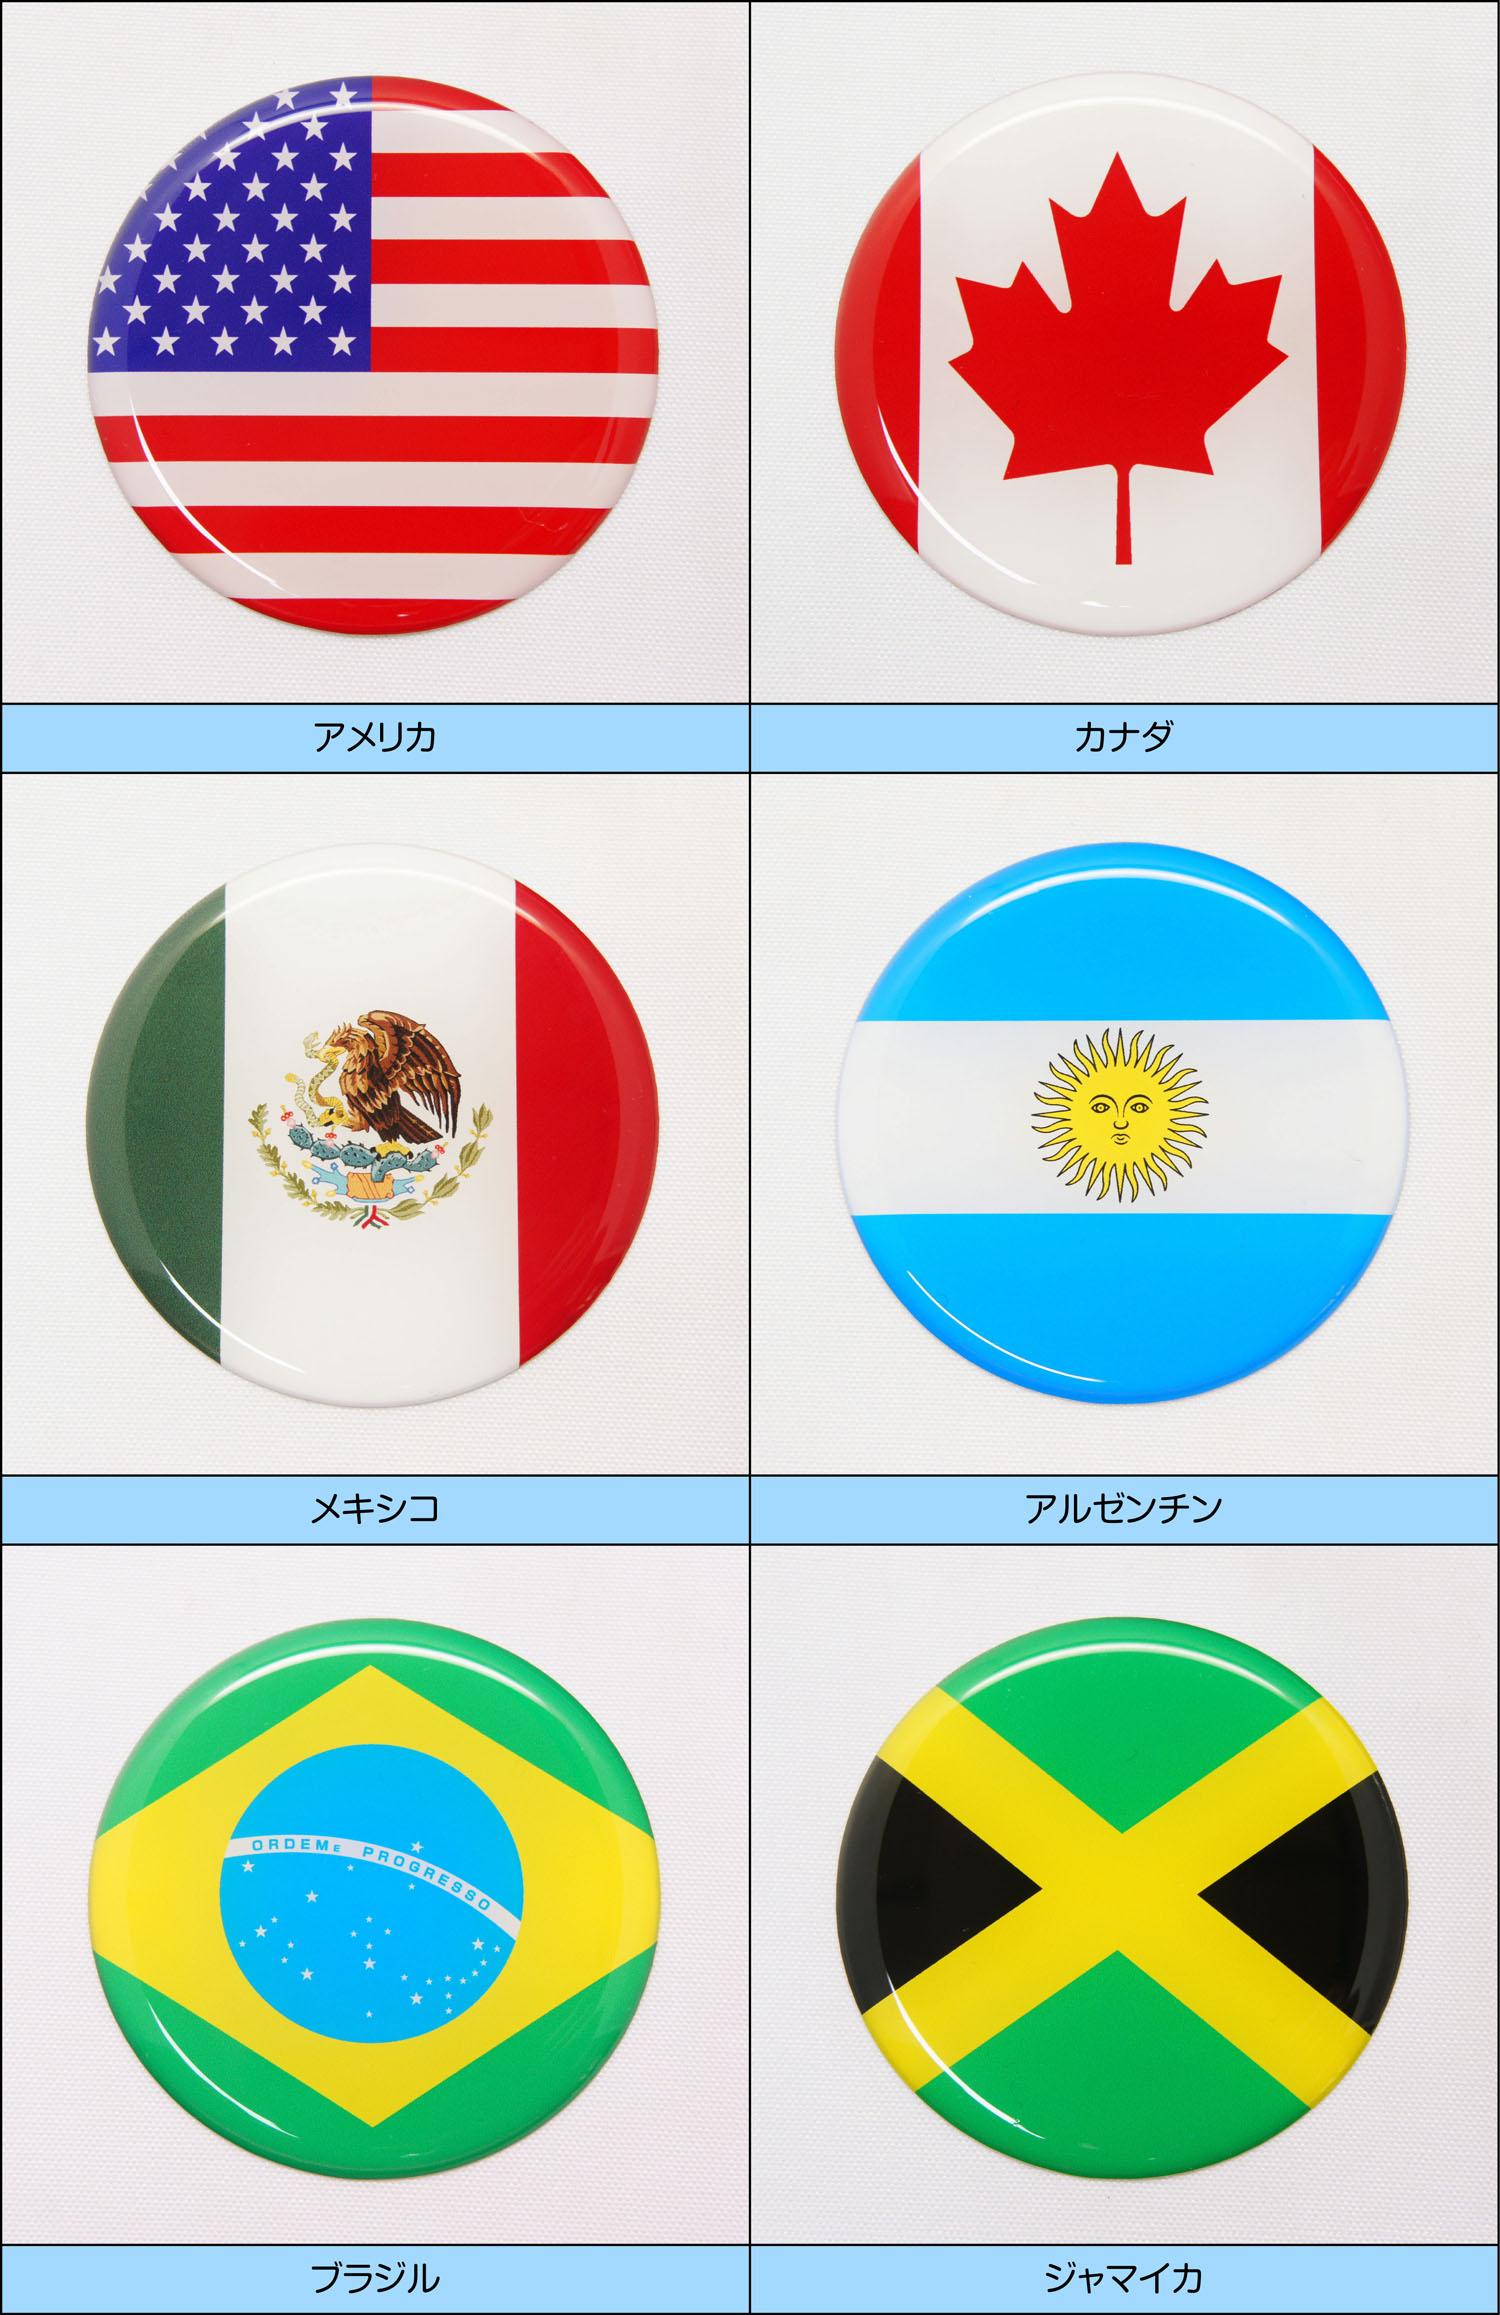 世界の国旗 北米・中南米地区 一覧